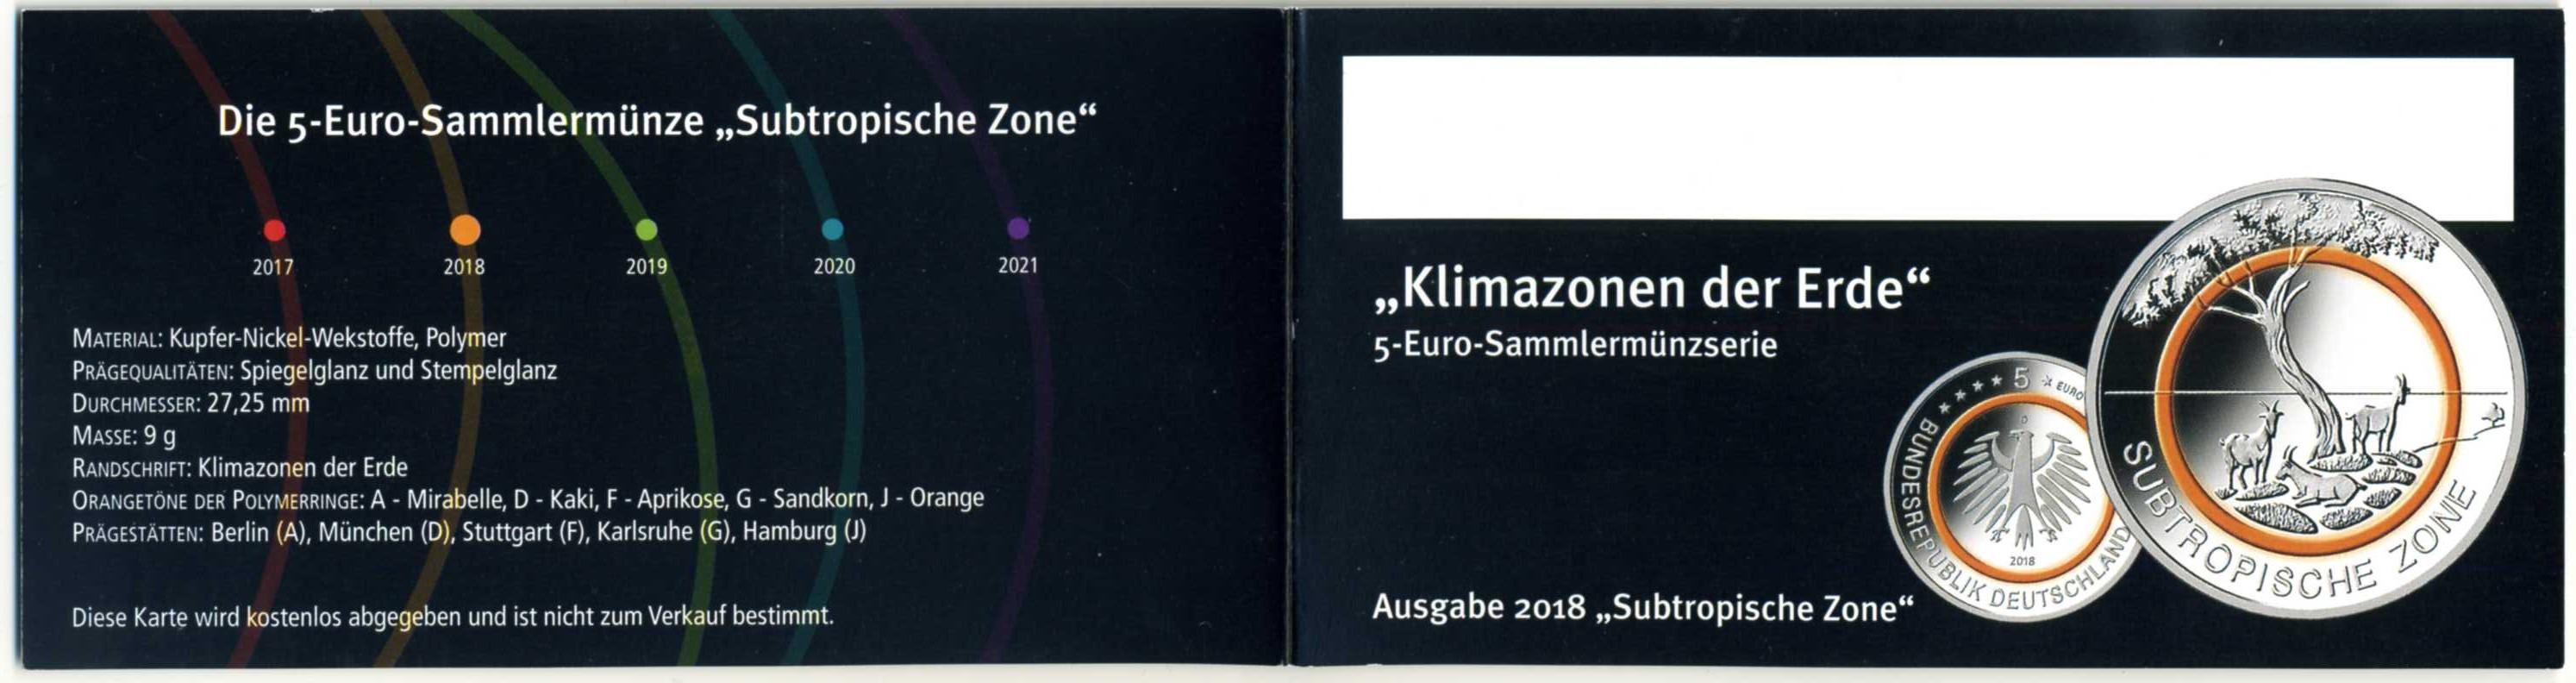 2018 DE 5 € Subtropische Zone Flyer 1.jpg